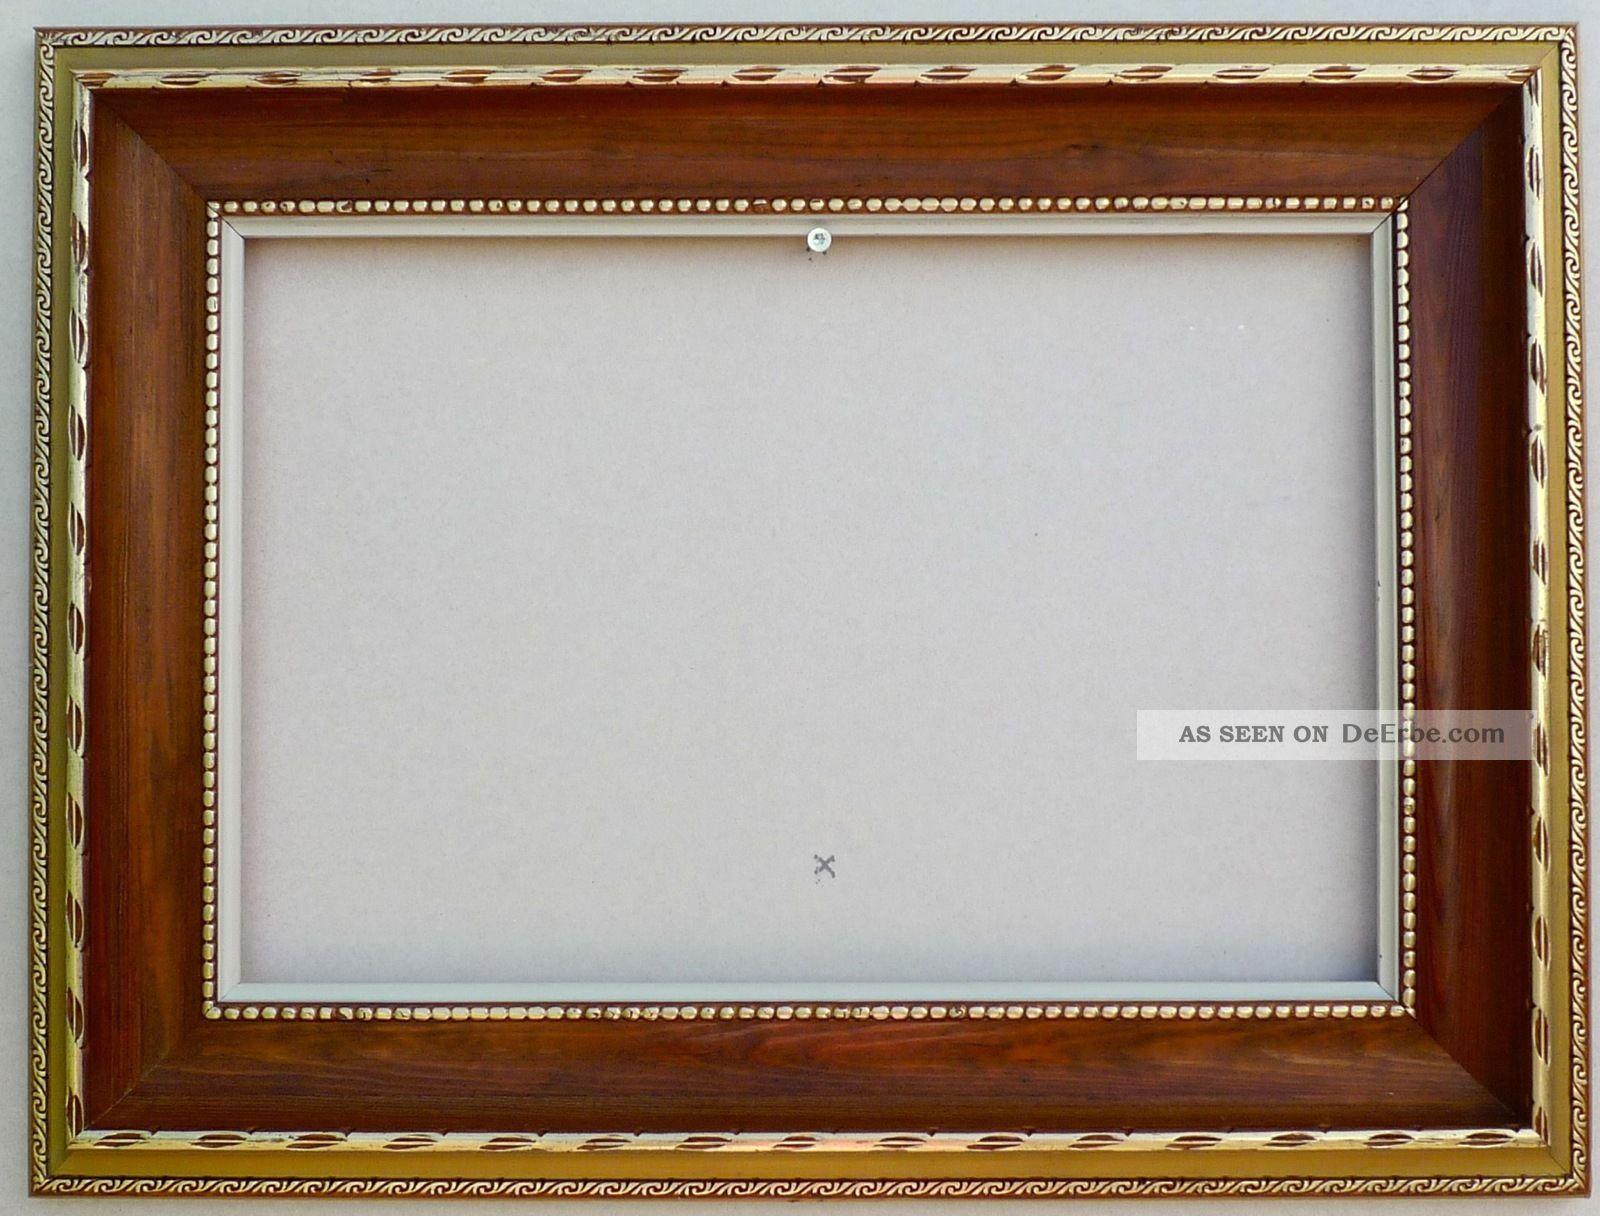 Alter Rahmen Braun Gold Stuck Holz Antik Jugendstil Falz 45, 5x30, 5cm